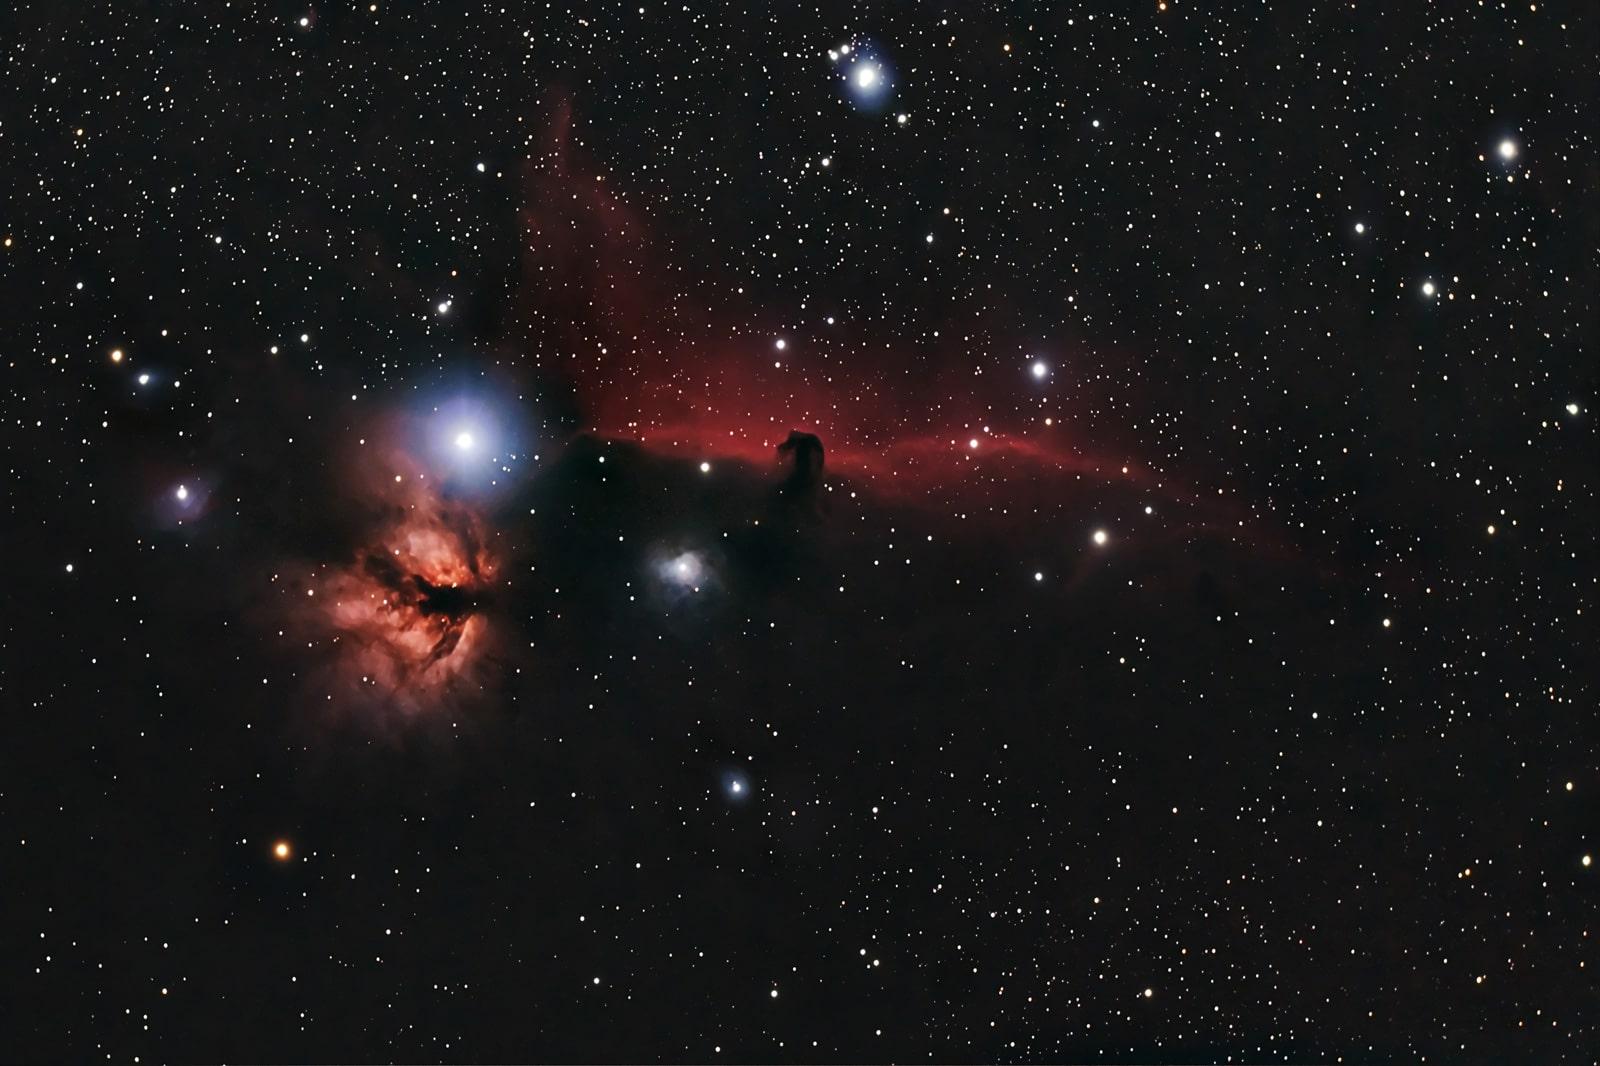 Horse Head and Flame Nebulae. November 2010